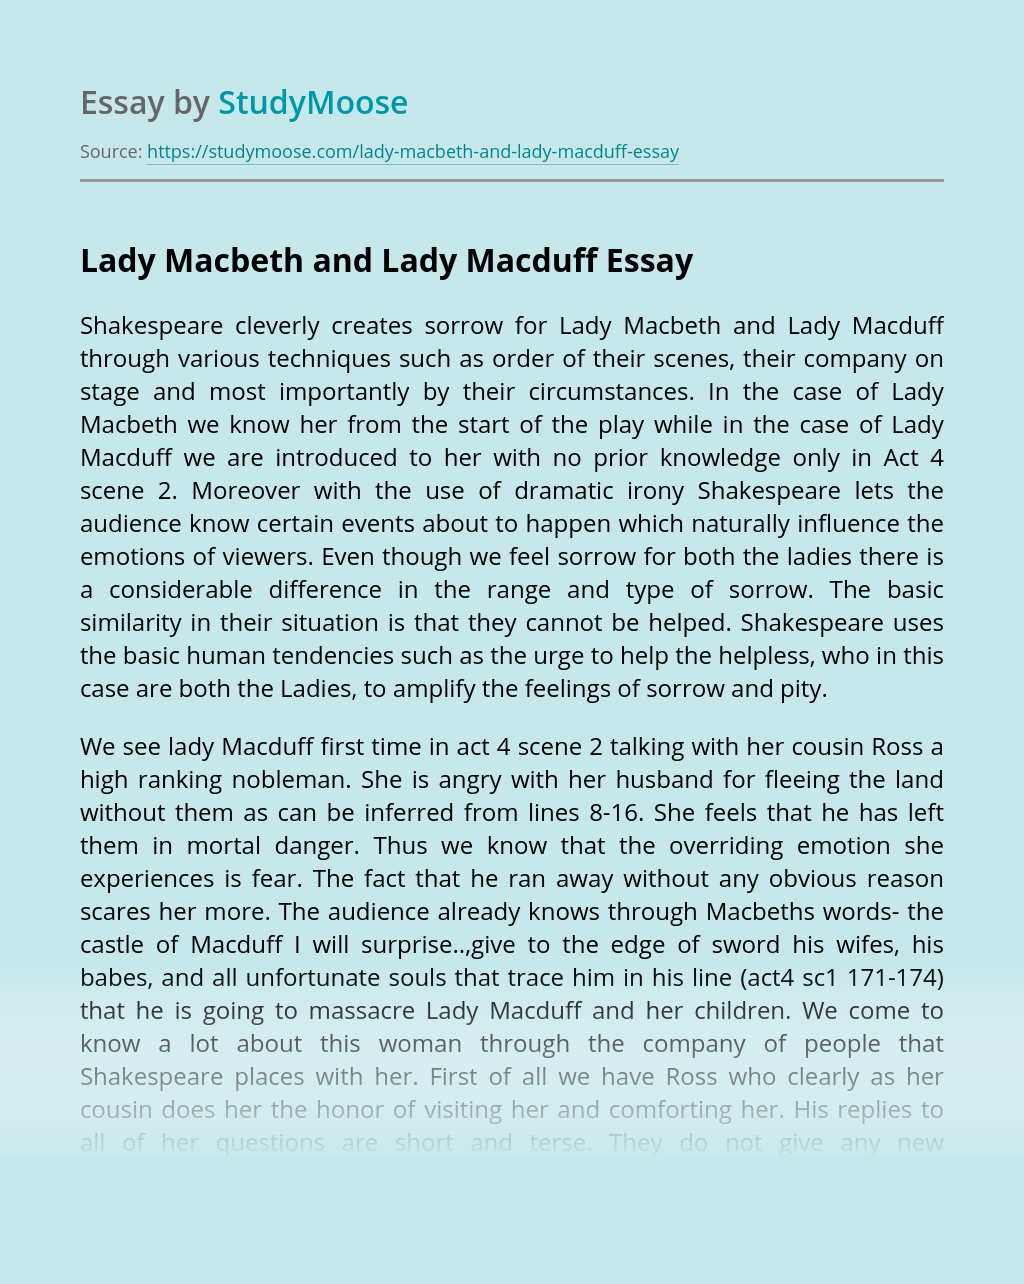 Lady Macbeth and Lady Macduff